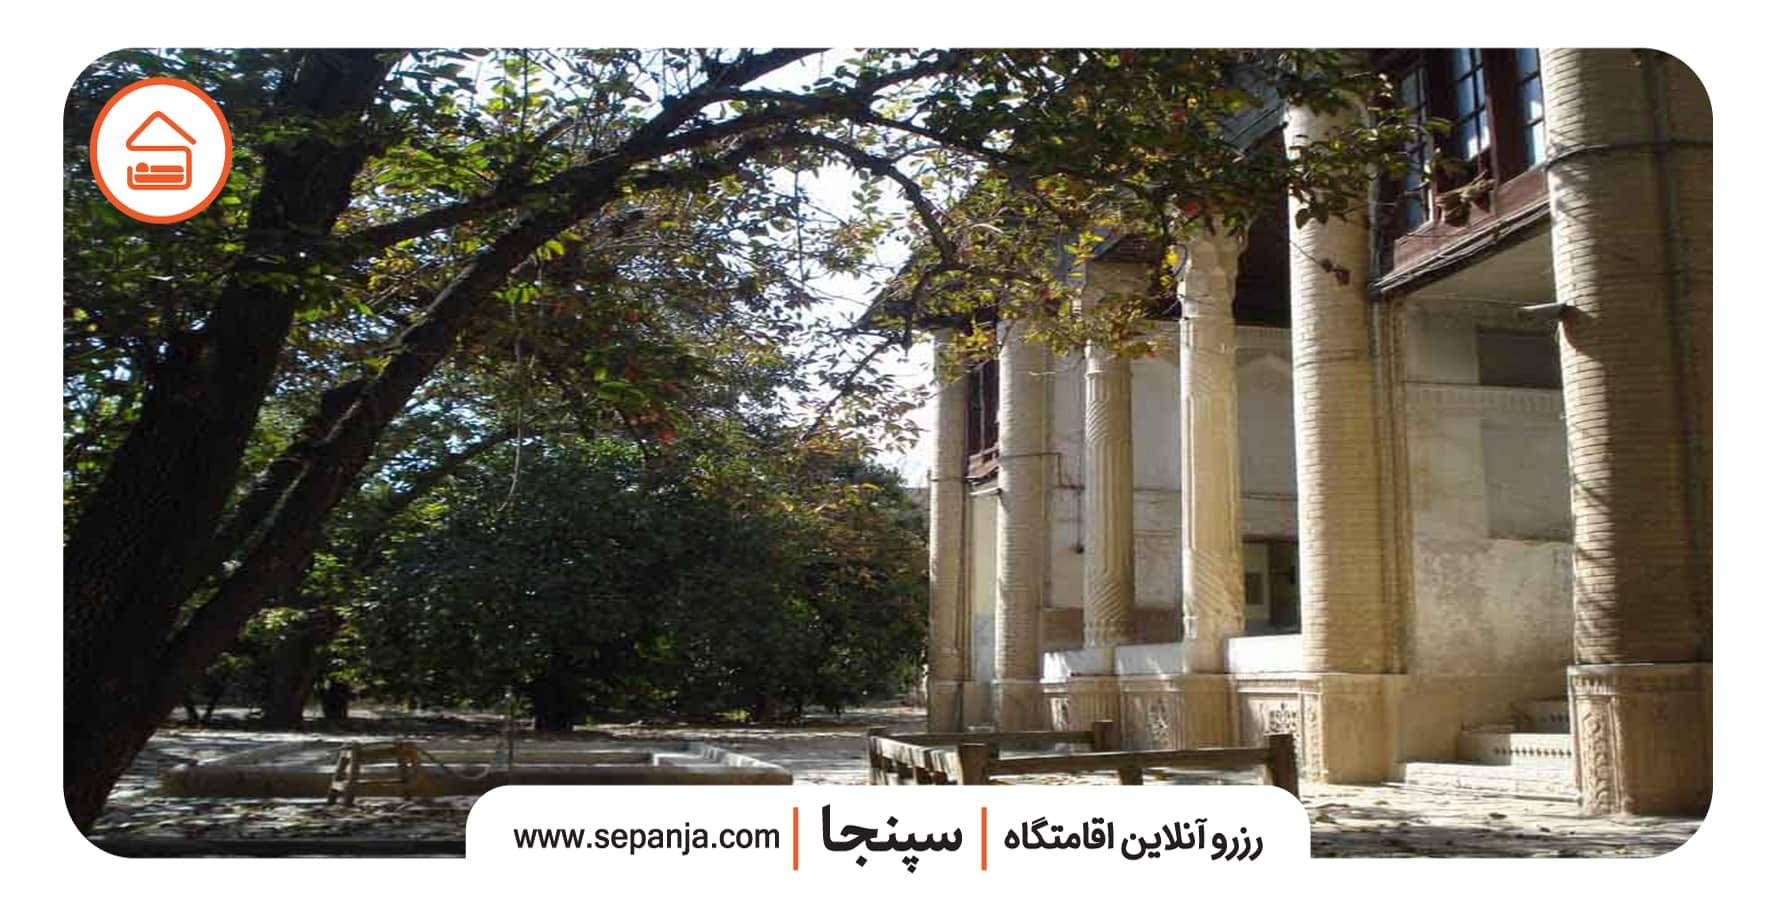 نمایی از باغ ایلخانی شیراز از بهترین جاهای دیدنی شیراز